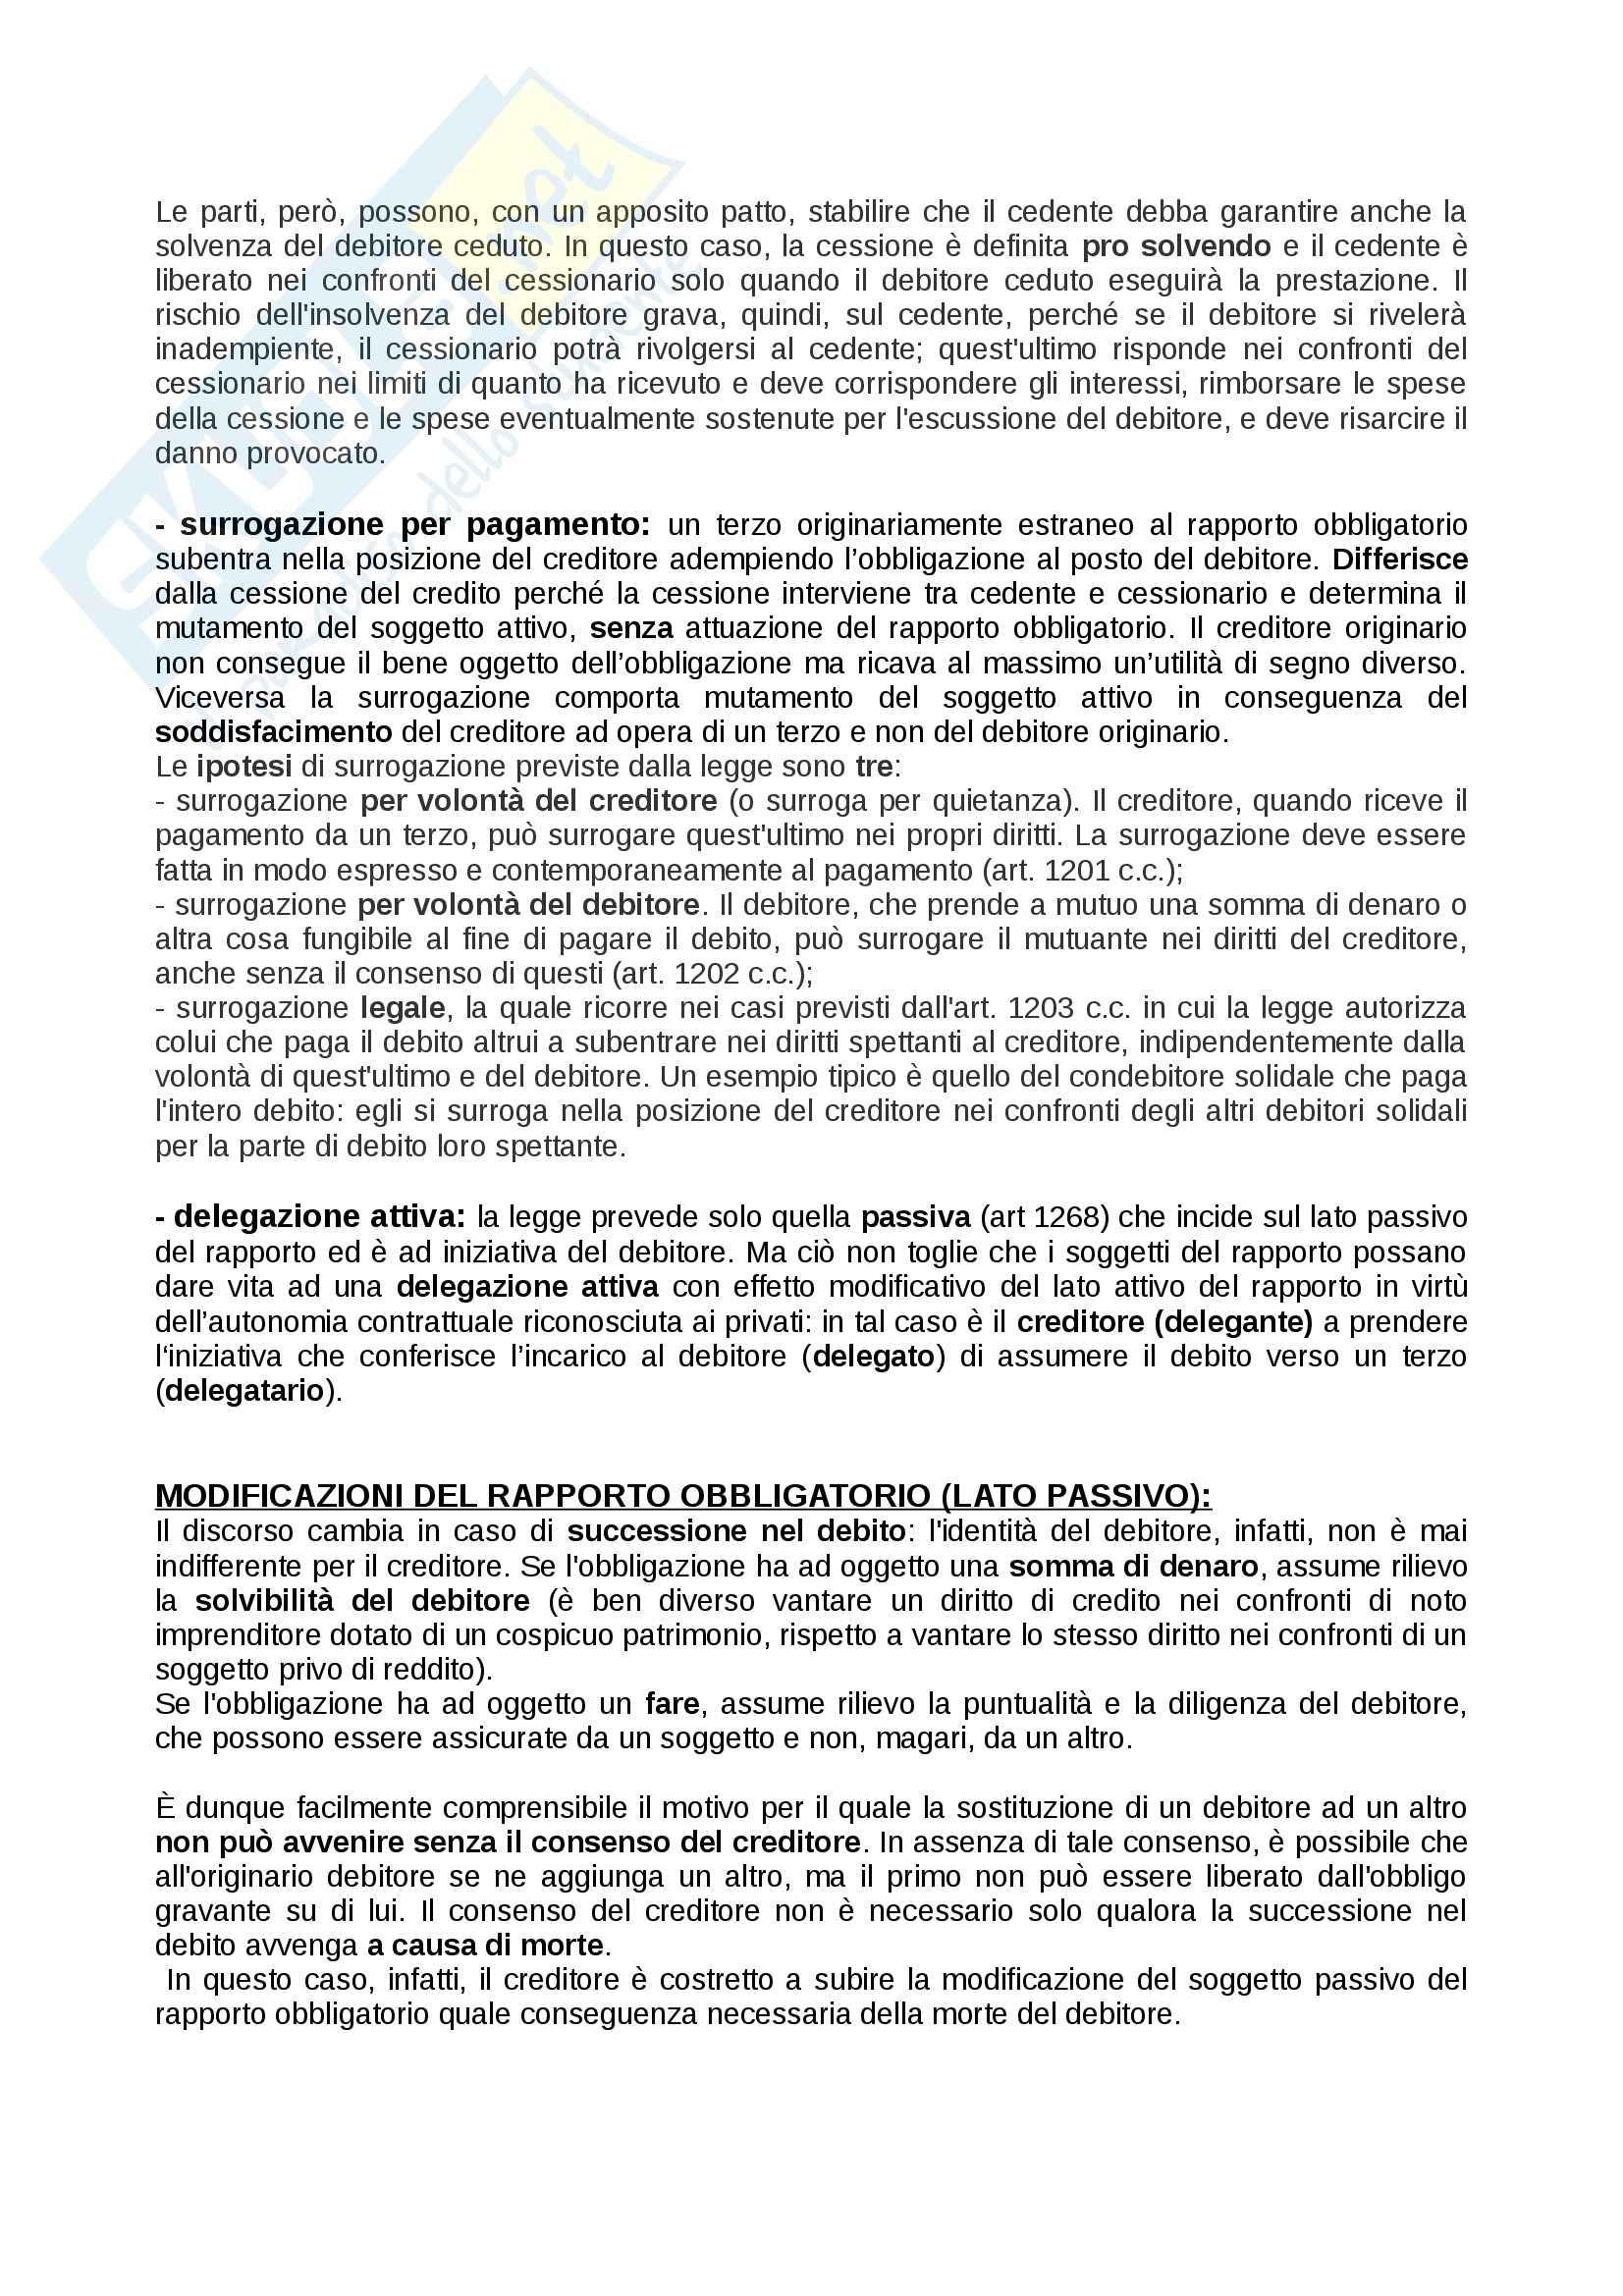 Riassunto esame Diritto privato: obbligazioni, prof. Rossi Pag. 6